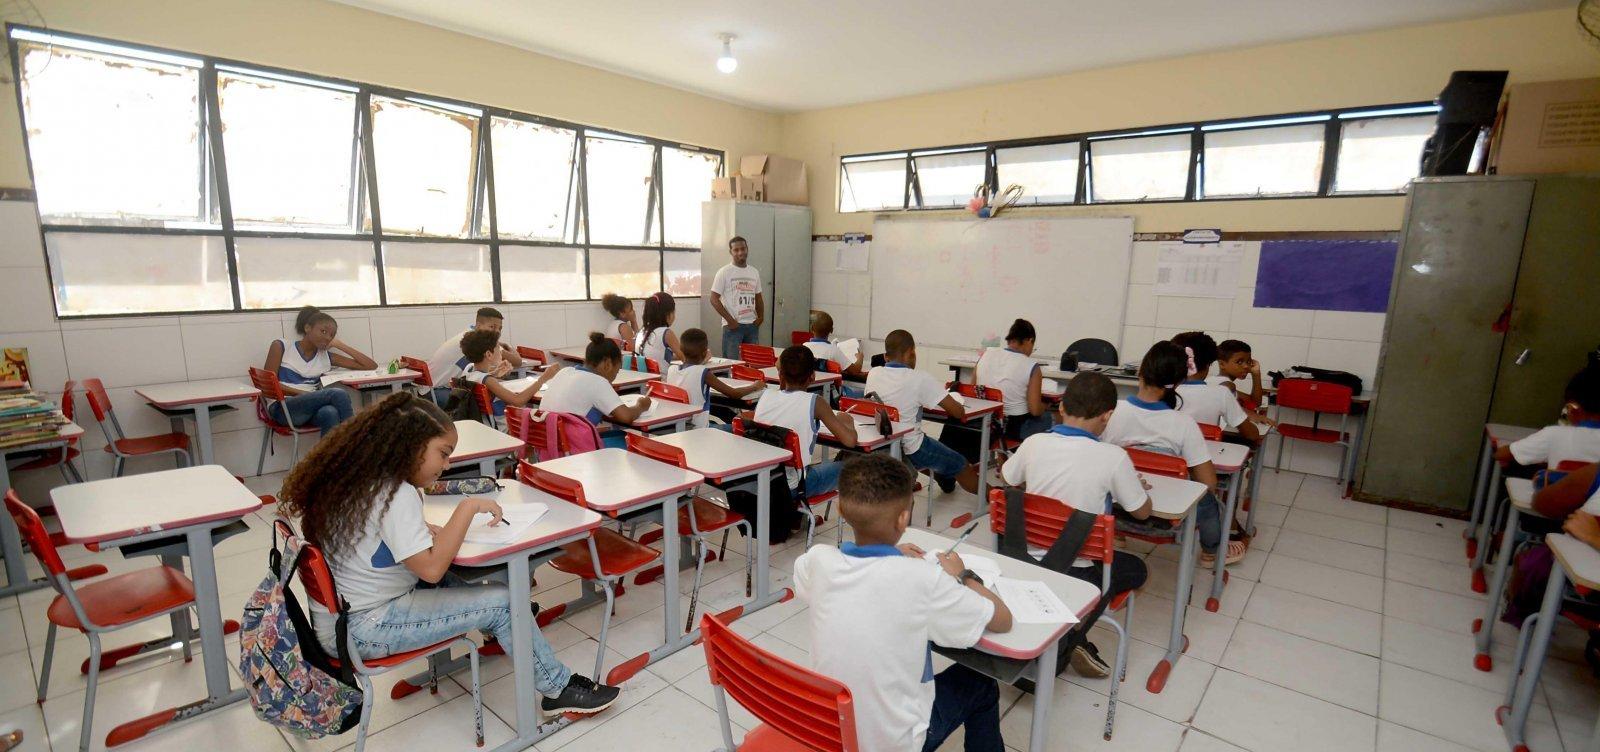 [ACM Neto prorroga suspensão das aulas em Salvador por mais 15 dias]